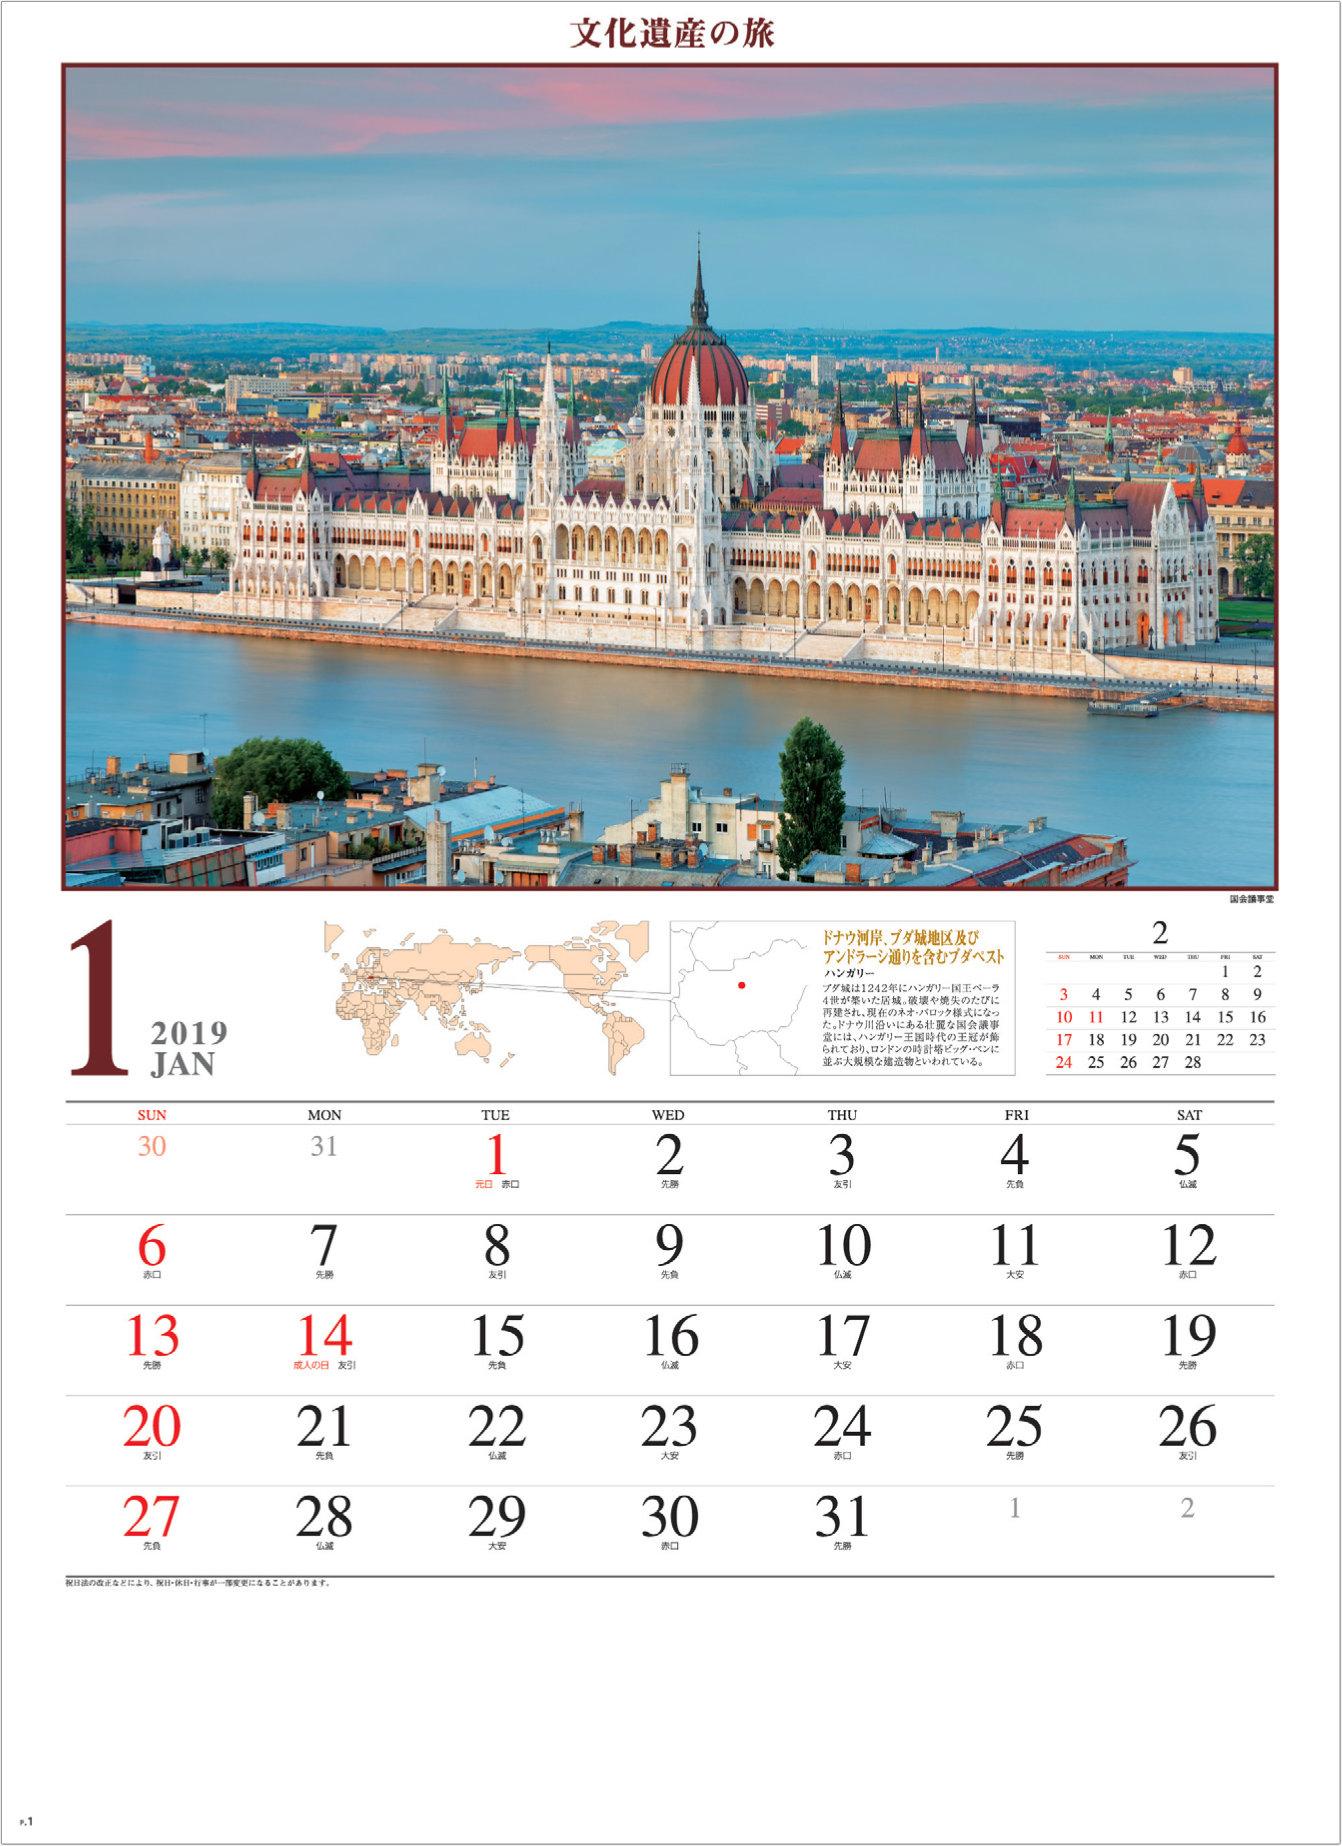 画像:ハンガリーの世界遺産 国会議事堂 文化遺産の旅(ユネスコ世界遺産) 2019年カレンダー